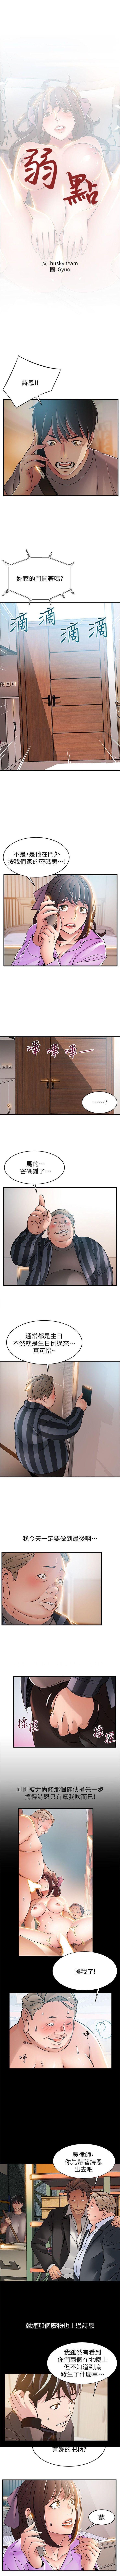 (週7)弱點 1-76 中文翻譯(更新中) 211